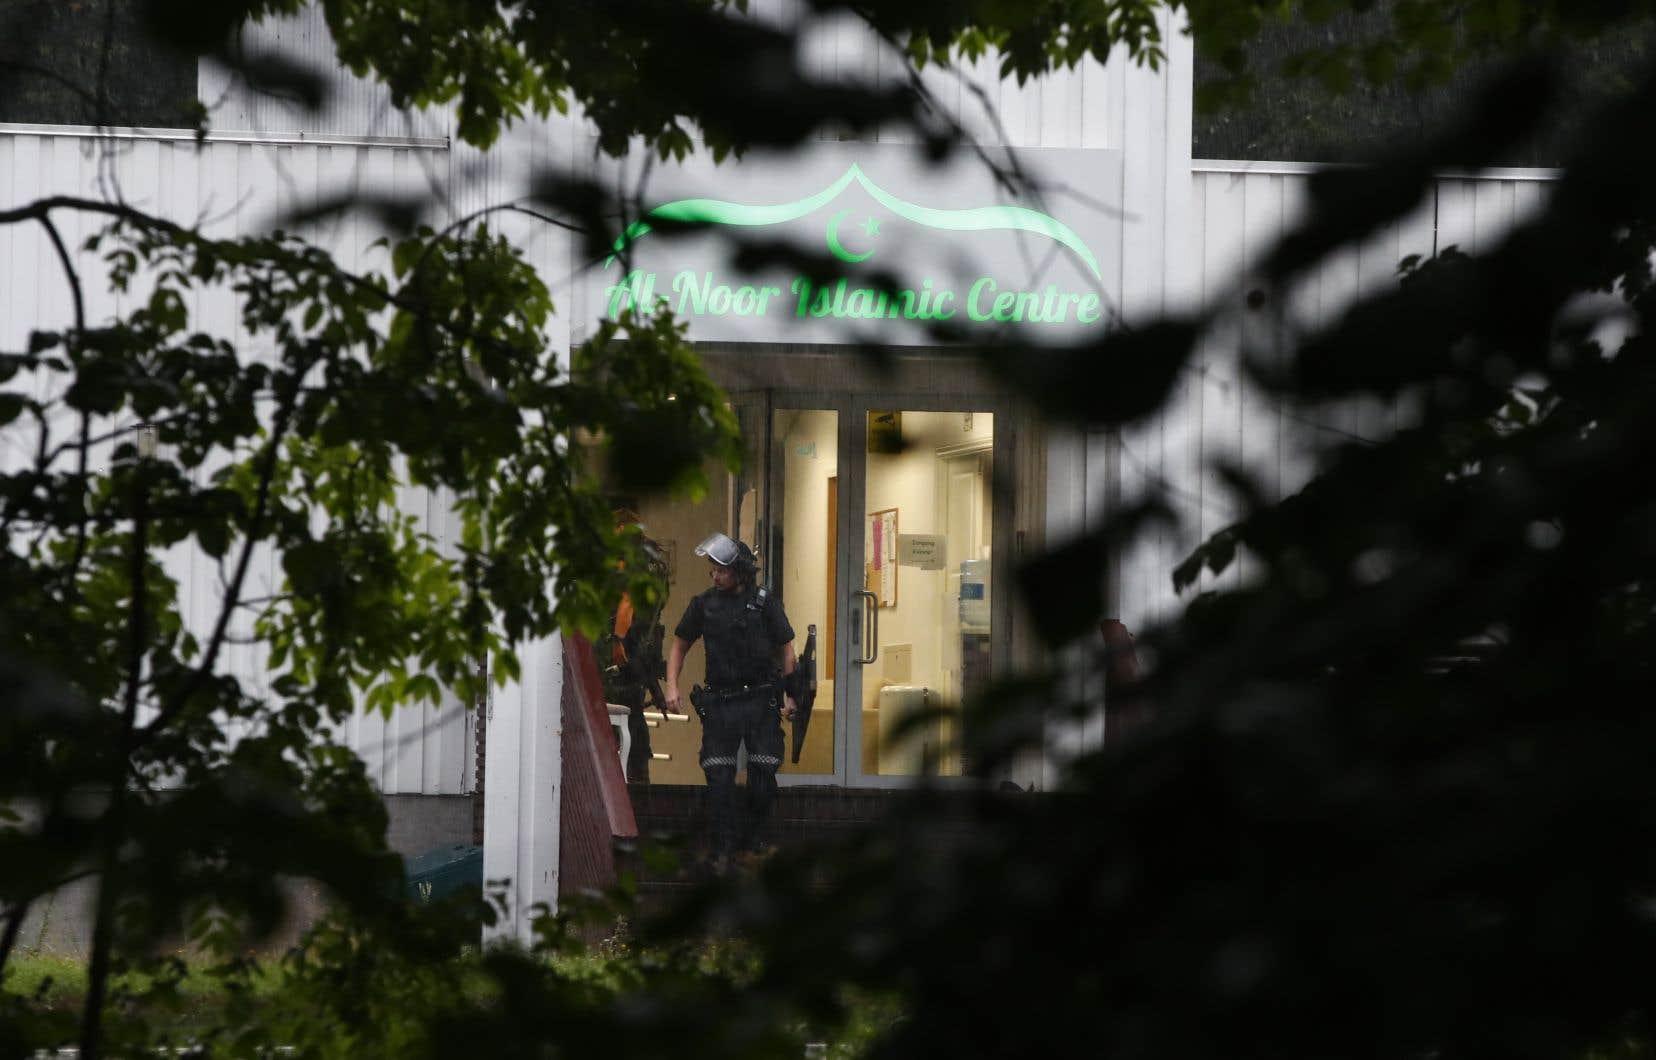 Un policier se tient devant l'entrée du centreislamique al-Nour à Baerum, ville de la banlieue d'Oslo.